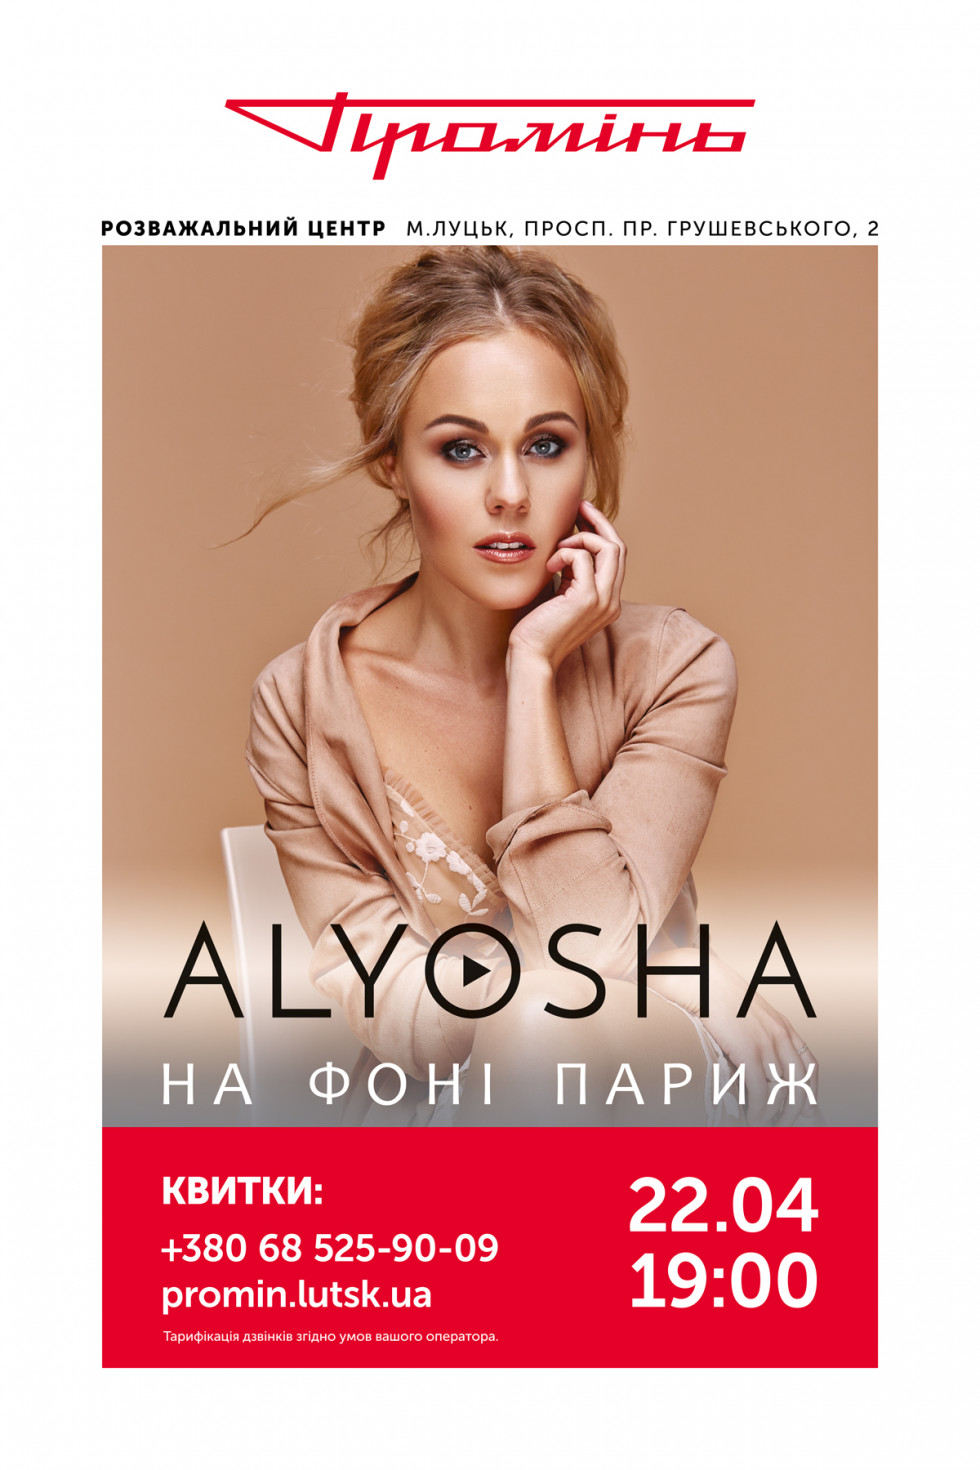 Афіша концерту ALYOSHA у РЦ «Промінь»